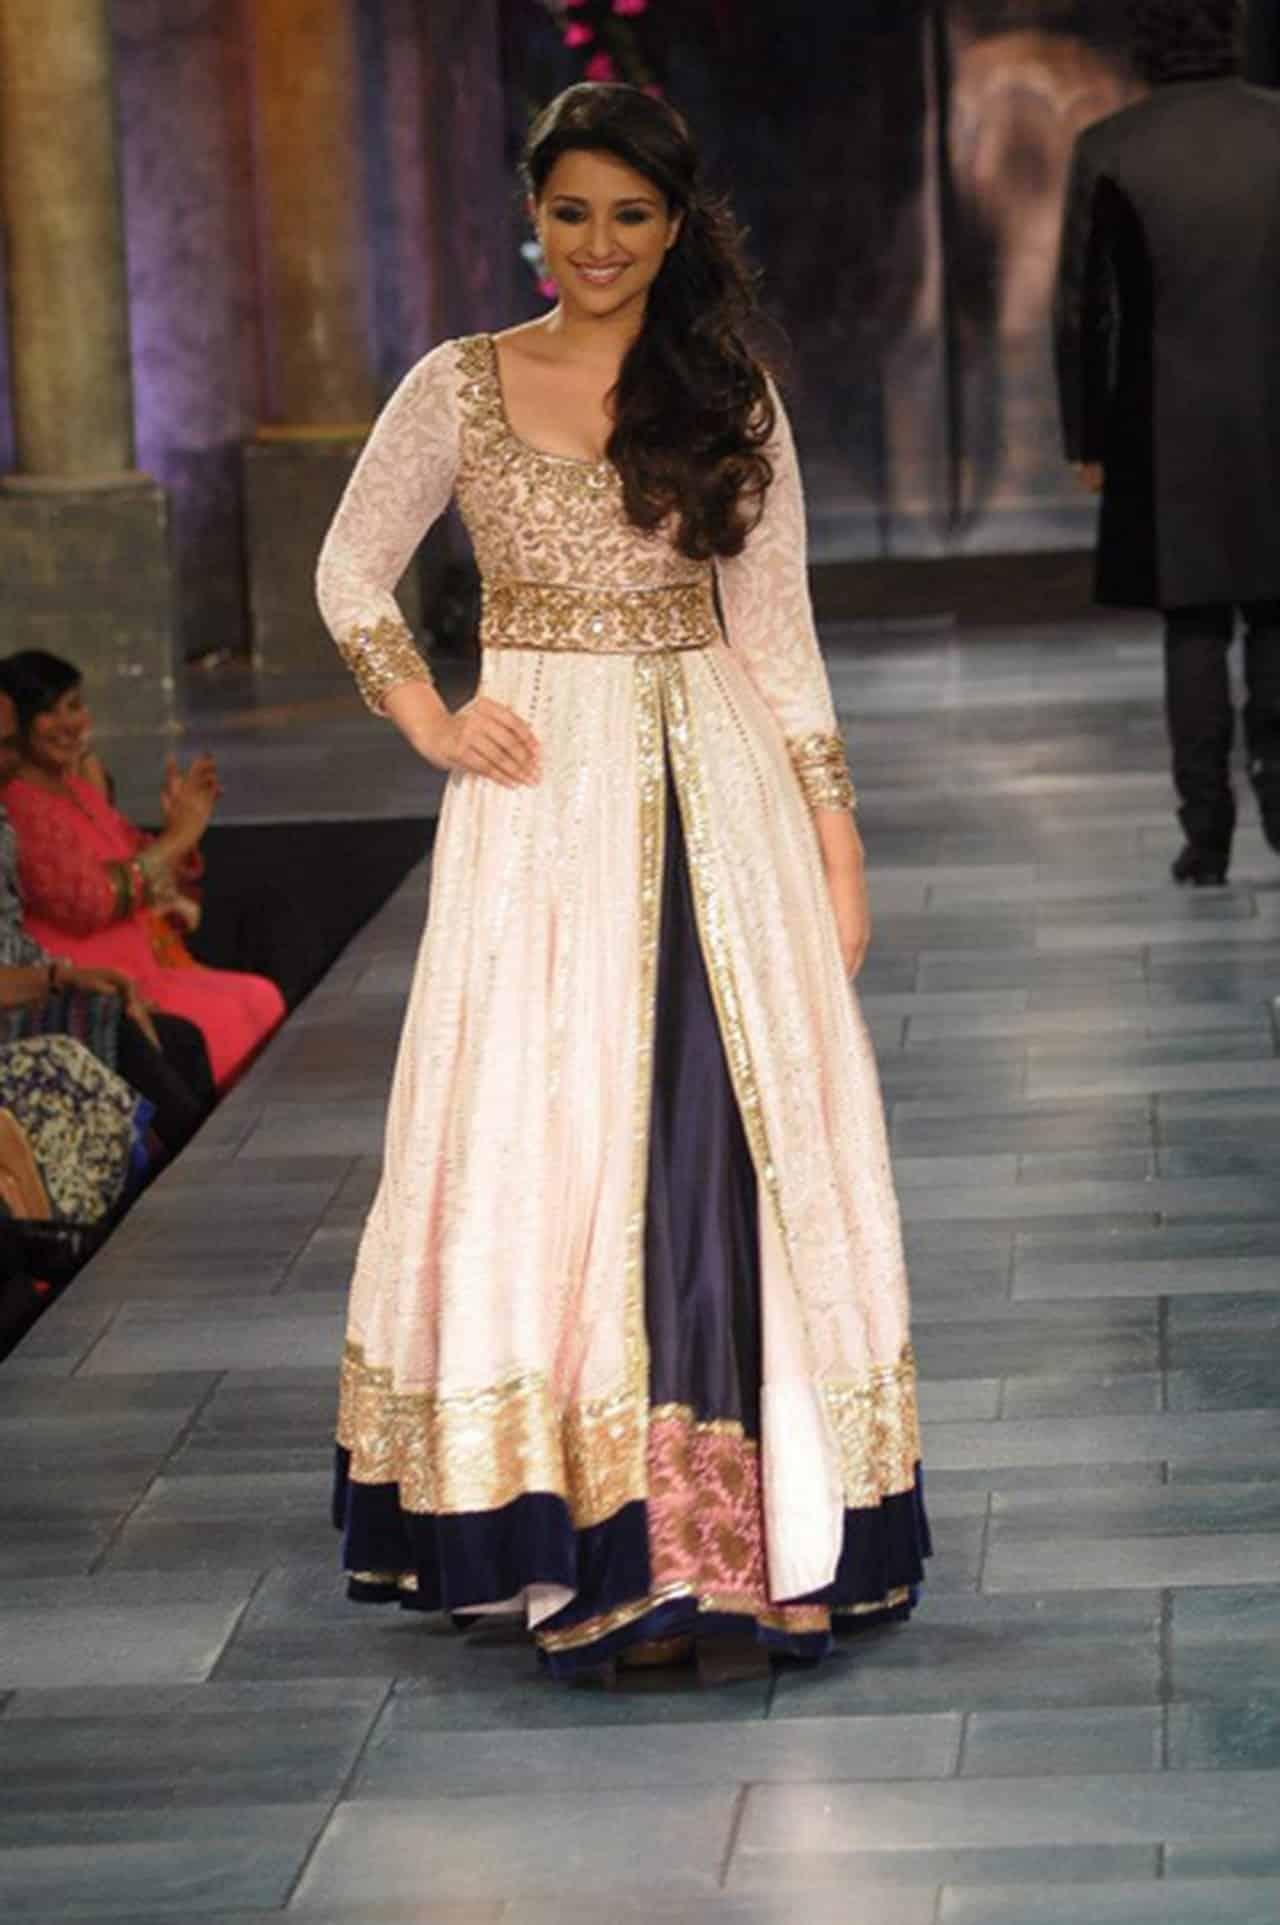 صور لأفضل الأزياء الهندية لأحدث إطلالة روعة